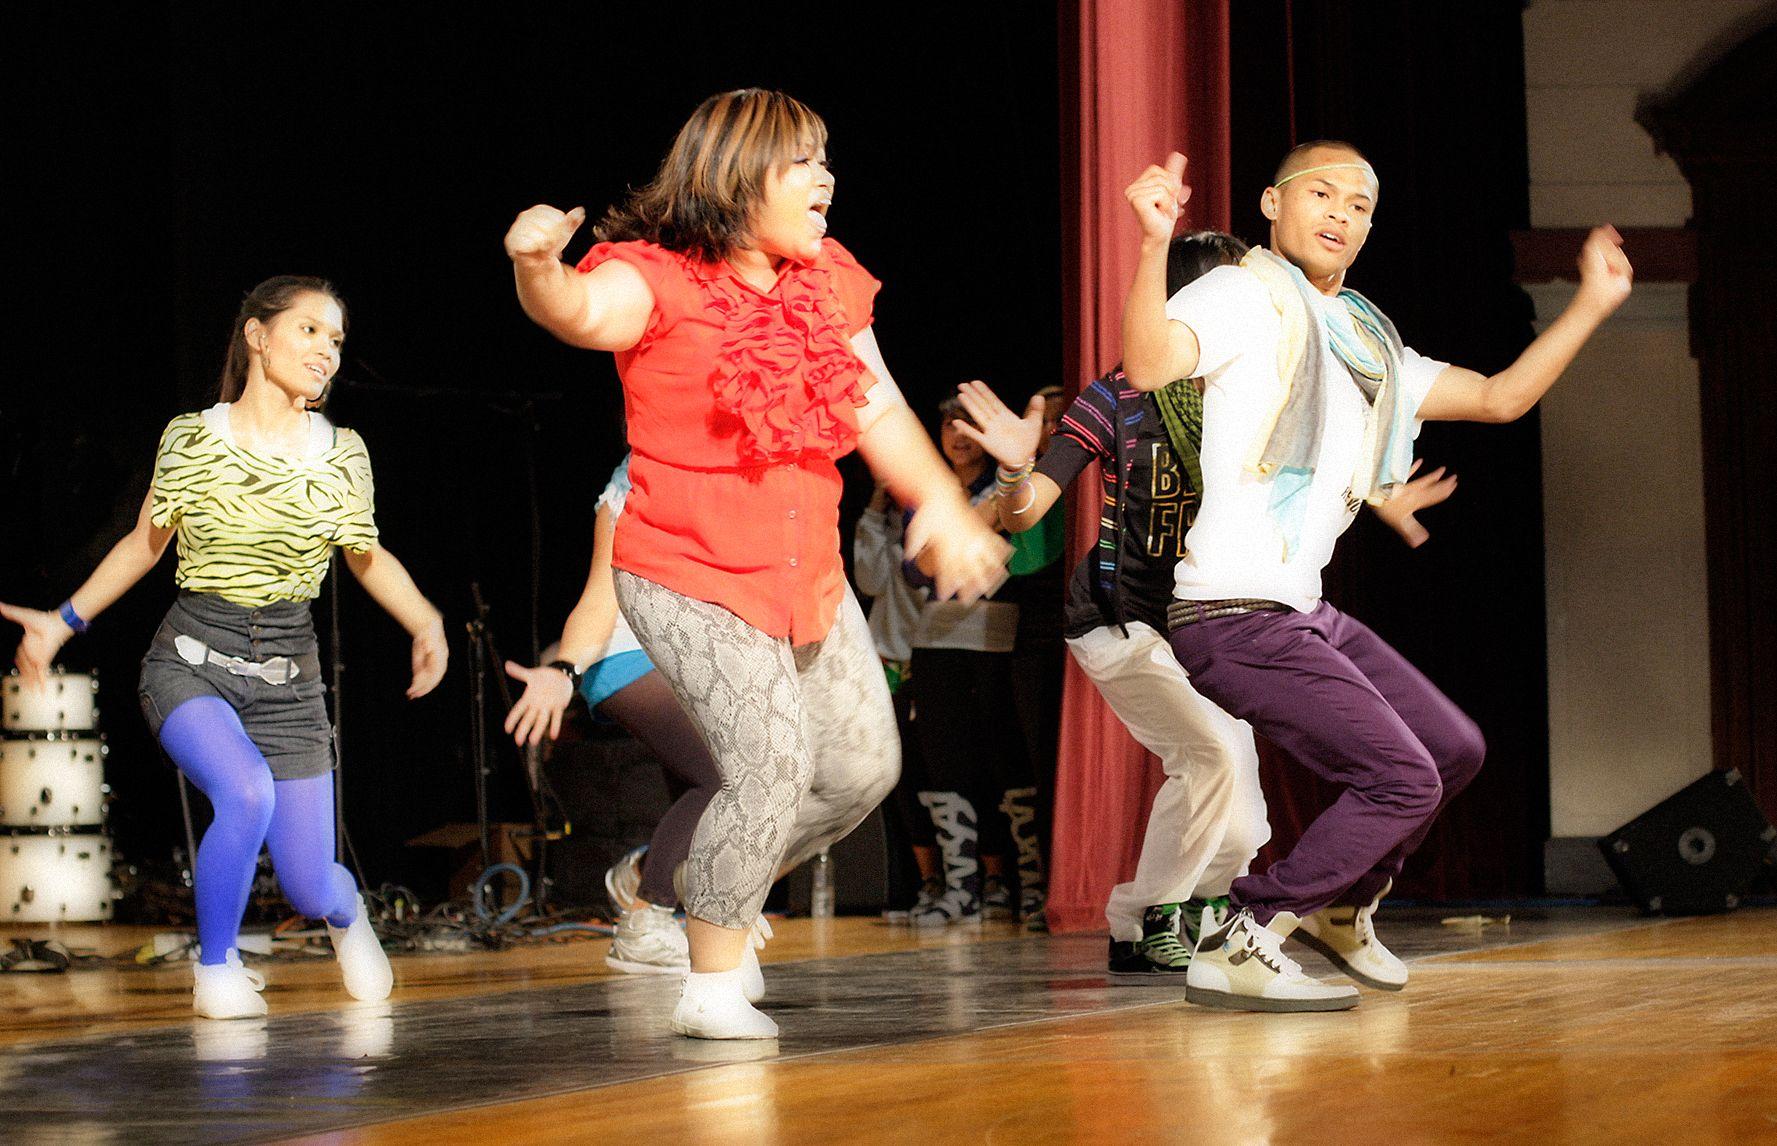 Dance-dance4peace.jpg